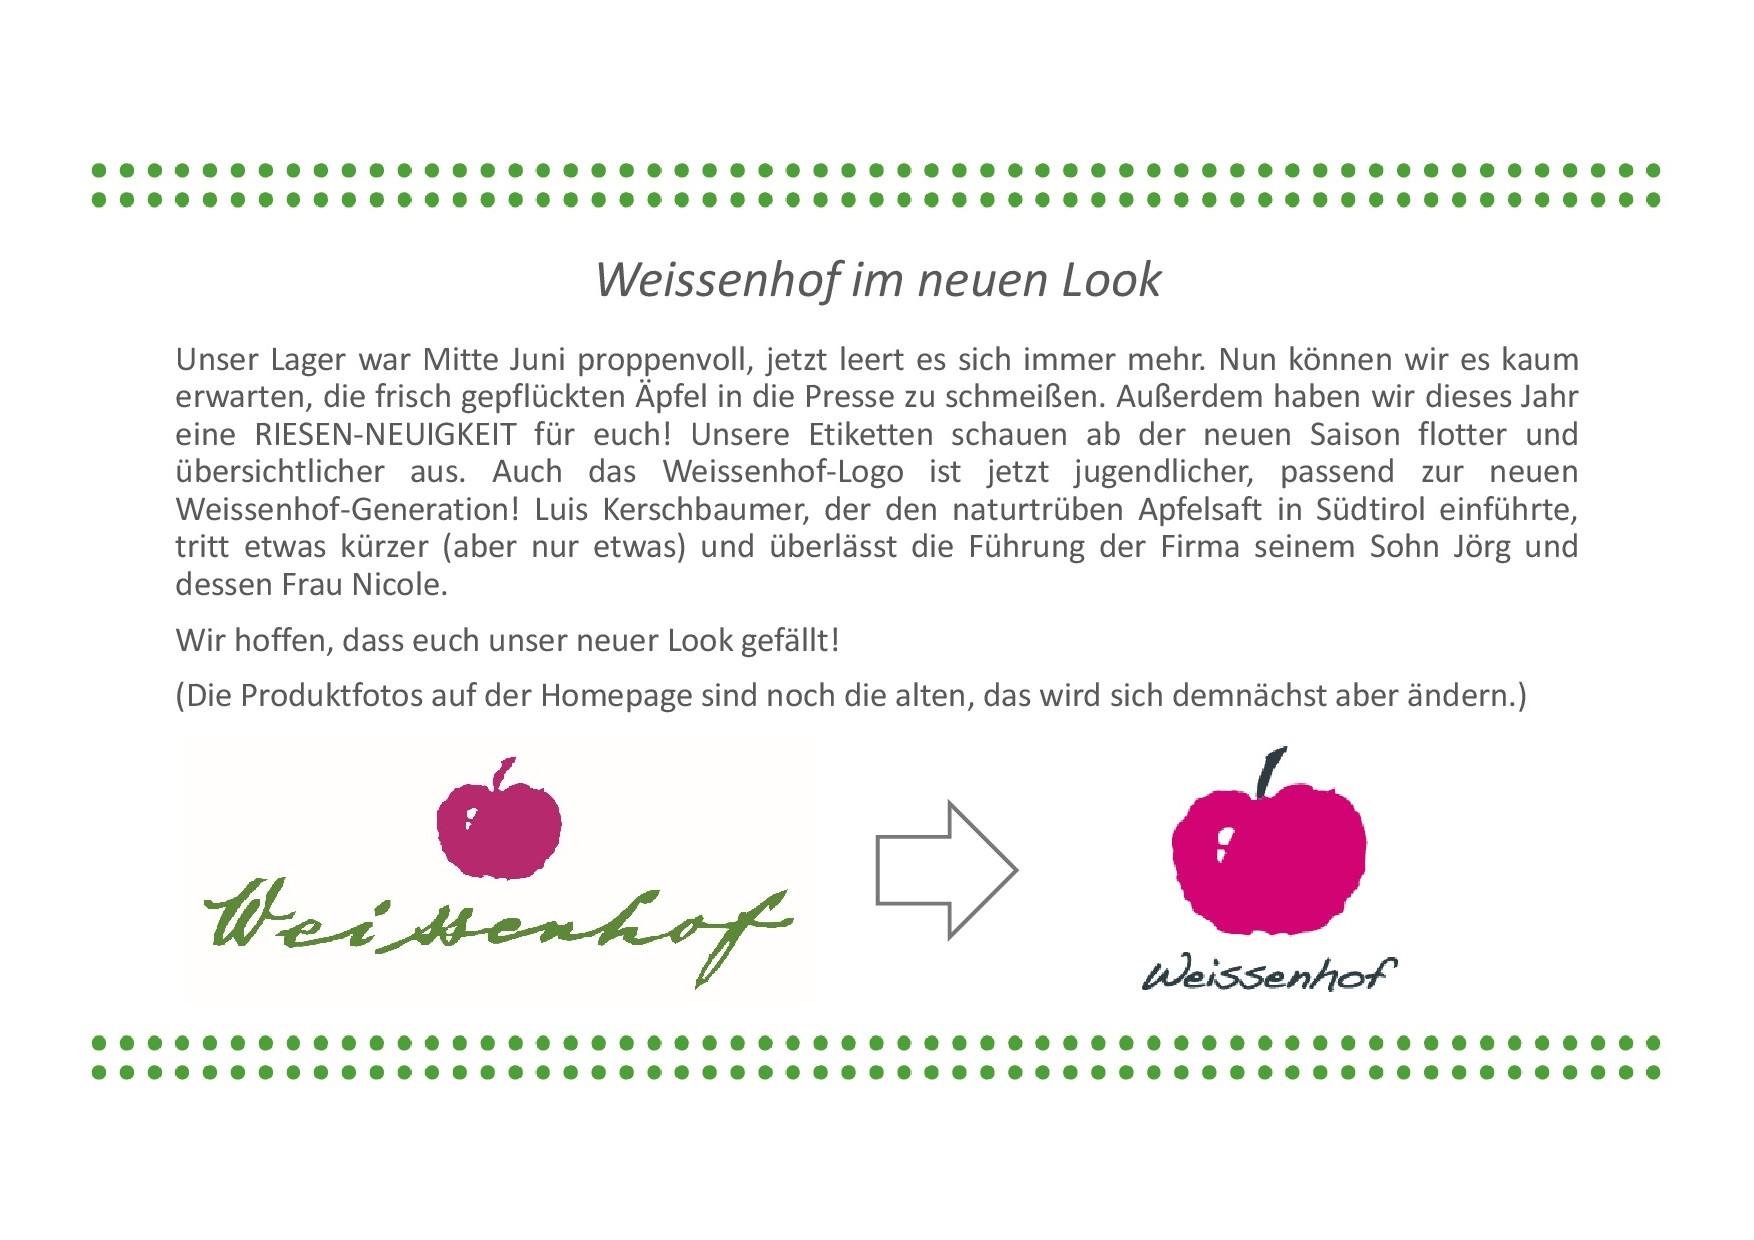 2018-08-07_Weissenhof neuer Look_de